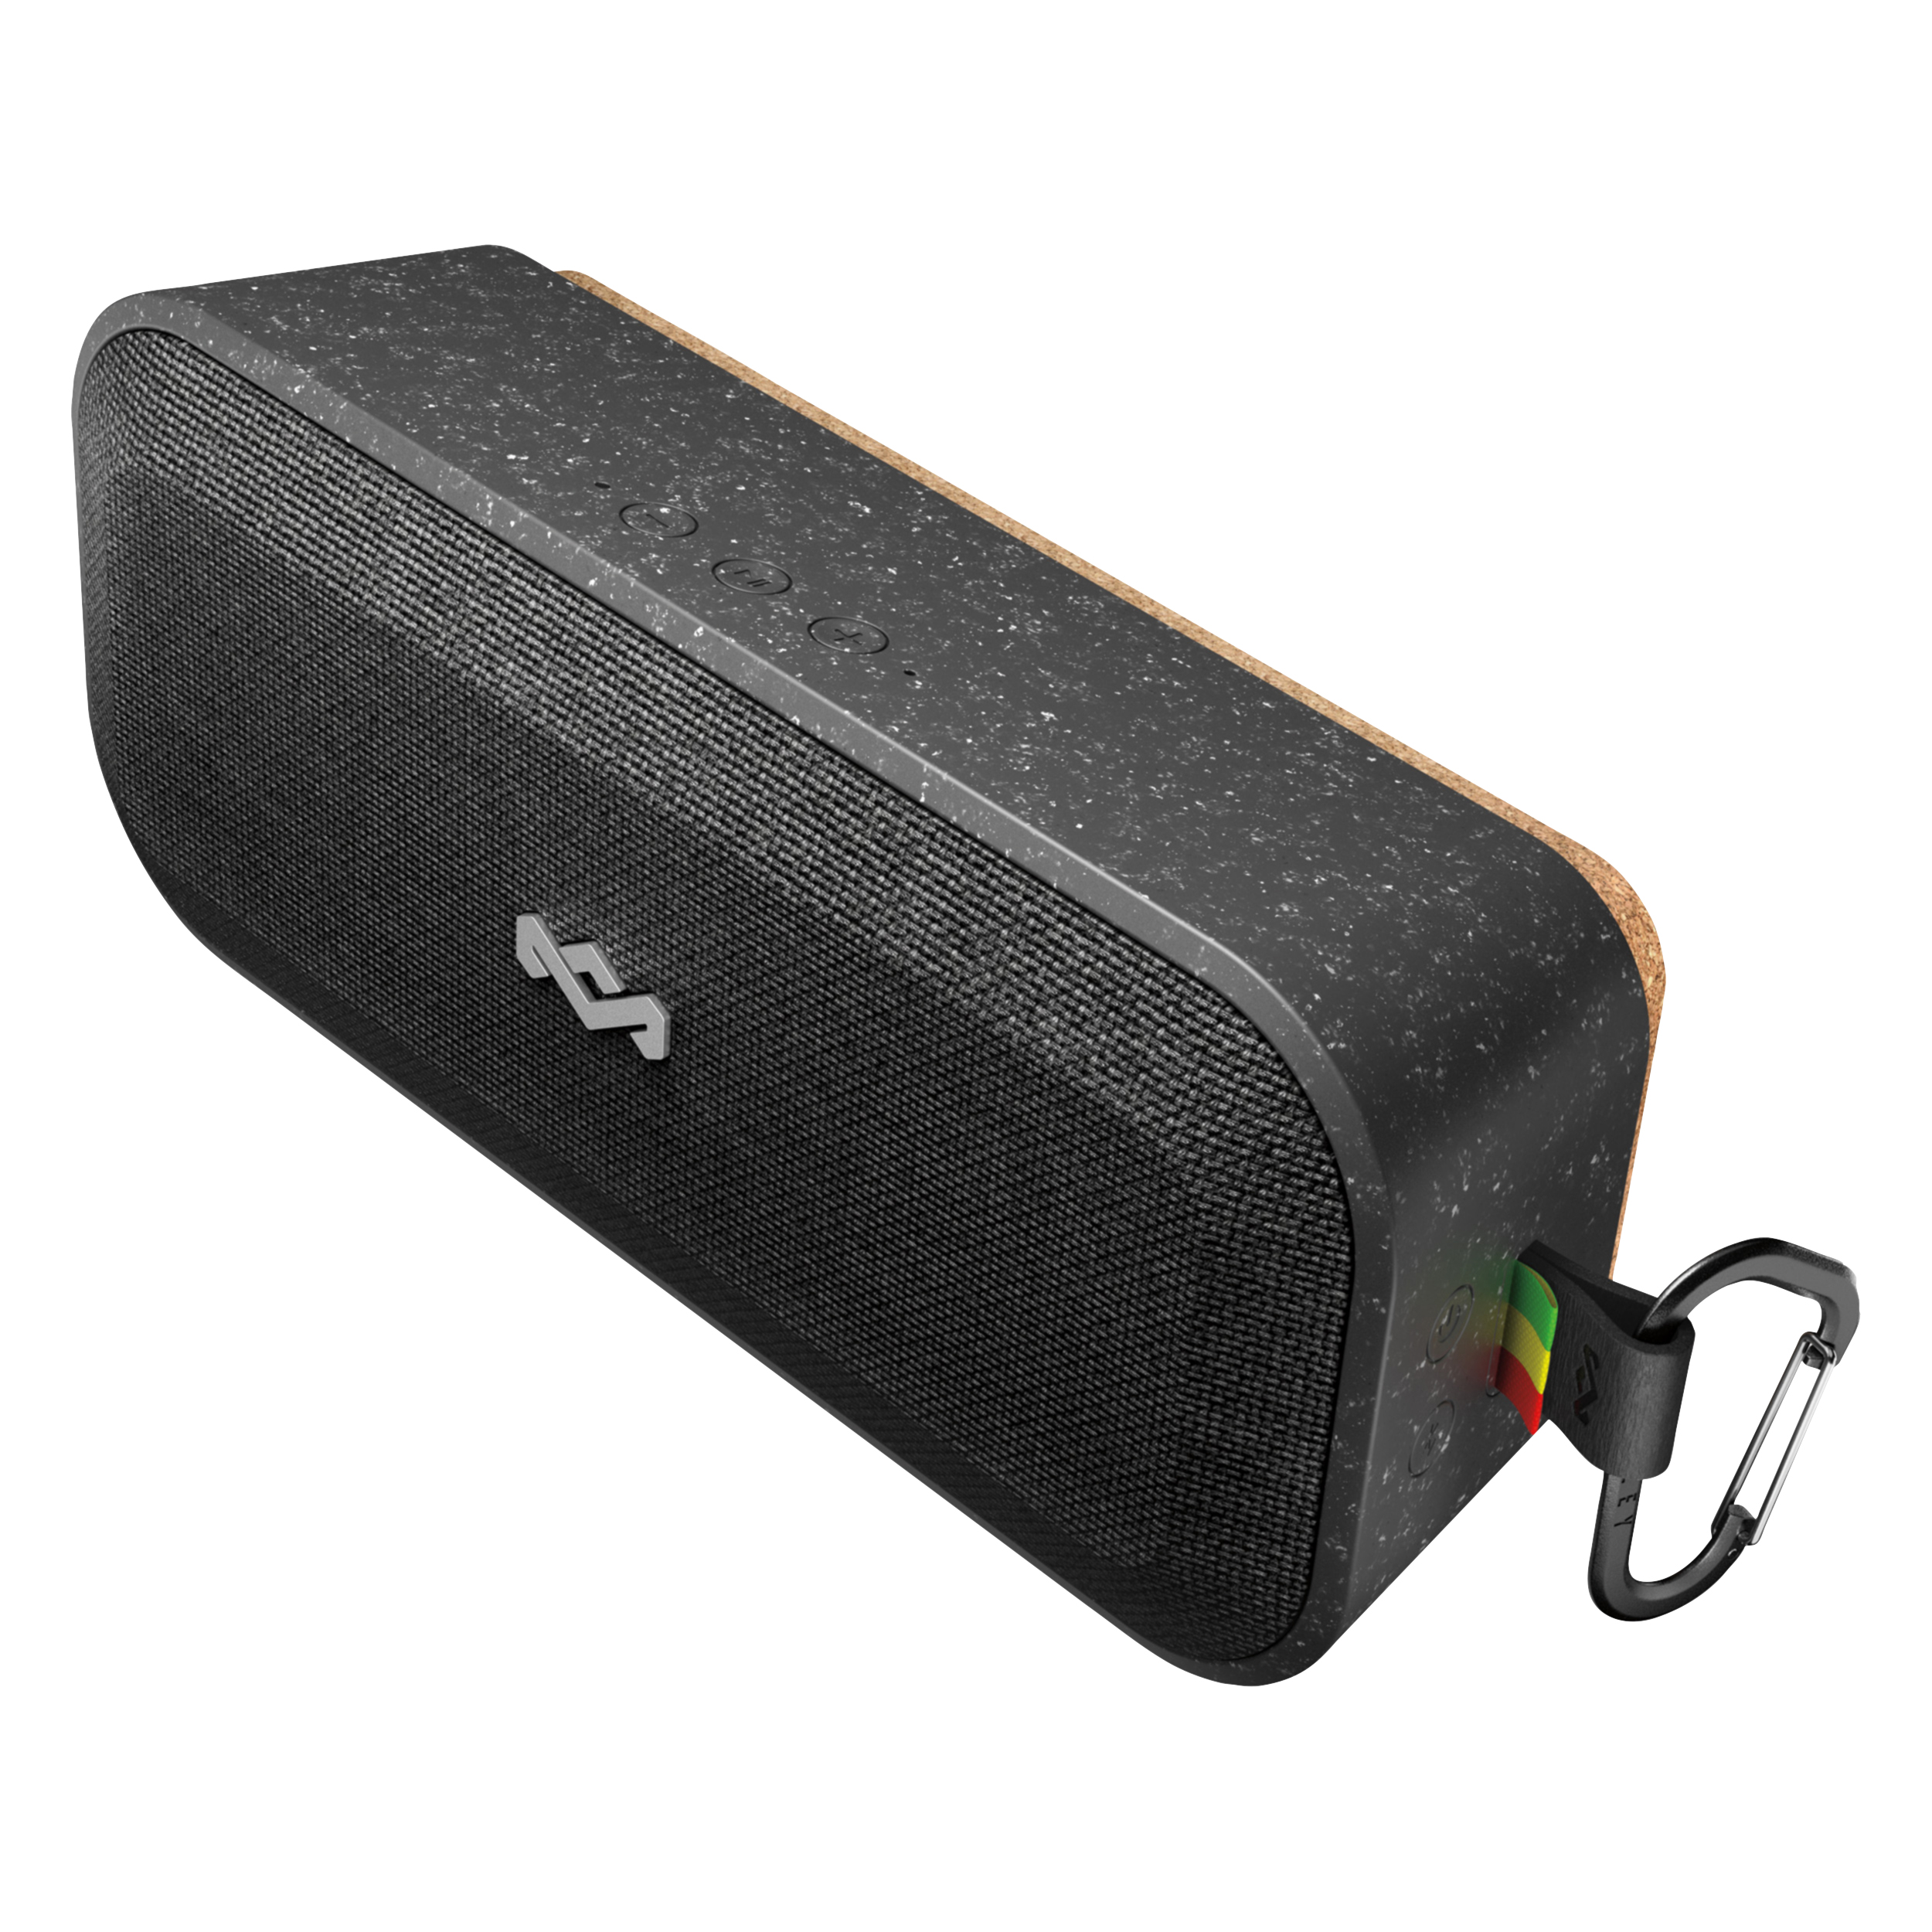 Enceinte Sans Fil De House Of Marley  - Compatibilité Bluetooth - Deux haut-parleurs de 1,5 po et deux radiateurs de graves passifs produisent des aigus et des graves de grande qualité - Haut-parleur intégré qui permet de répondre aux appels